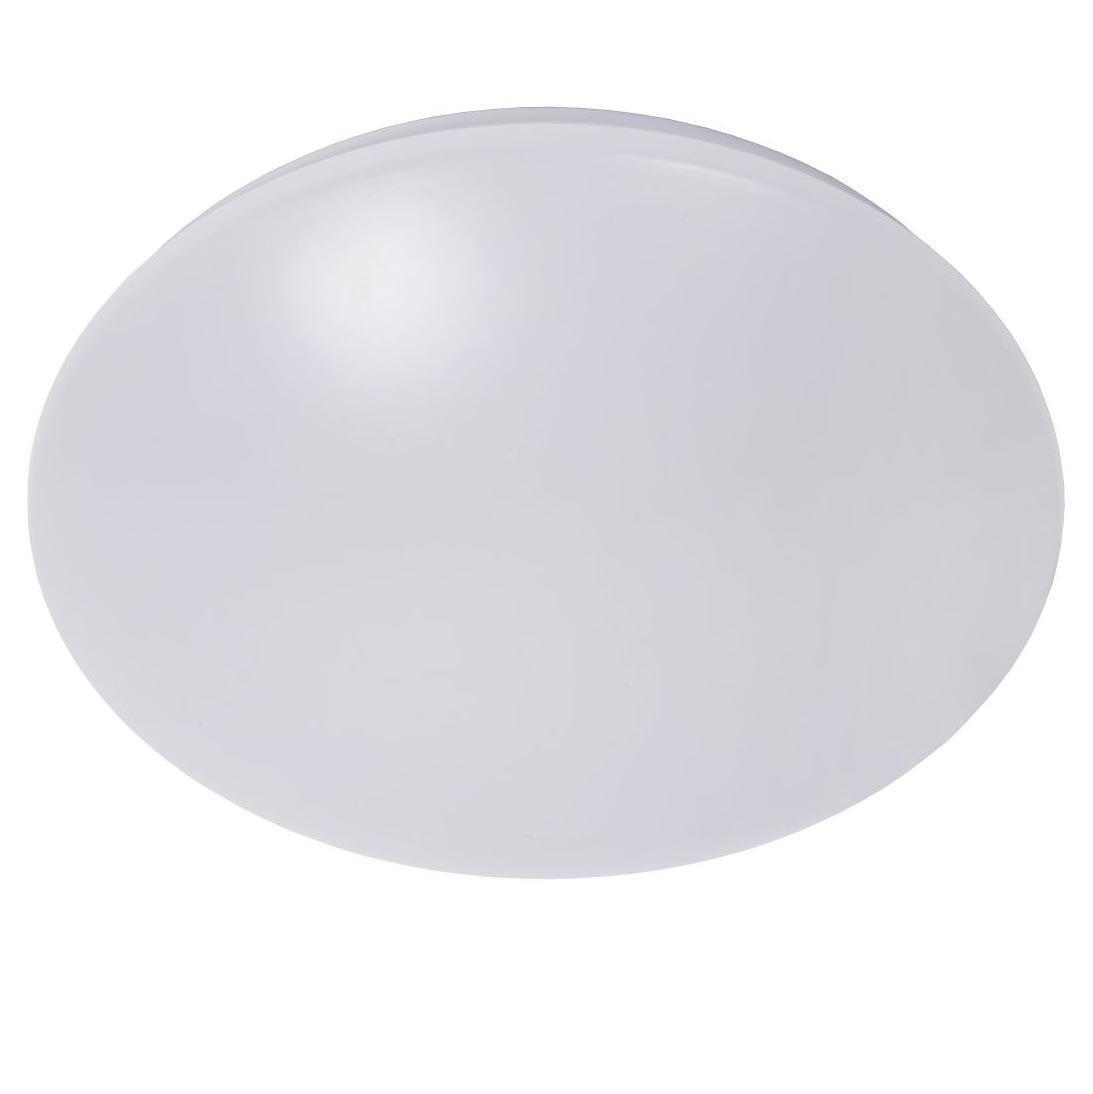 Потолочный светодиодный светильник Lucide Bianca-Led 79164/18/61 потолочный светильник kolarz austrolux centro bianca 0314 55m 5 w